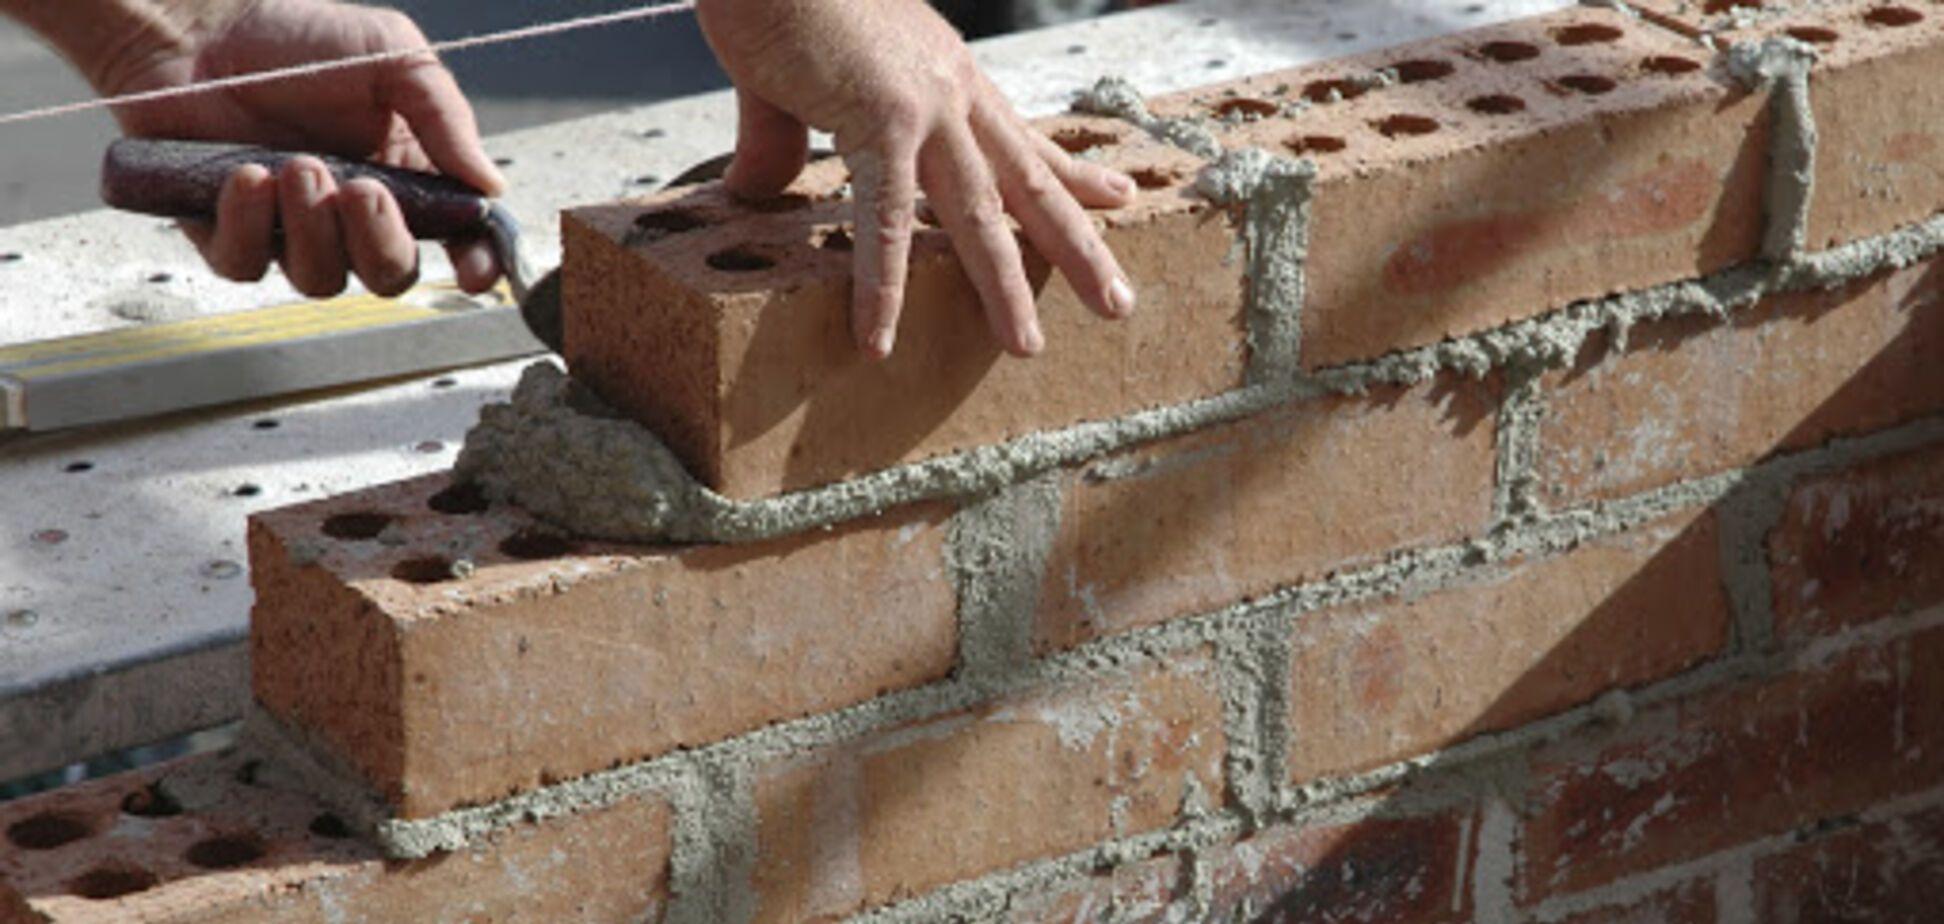 Законопроект о строительной продукции повлияет на качество материалов – мнение